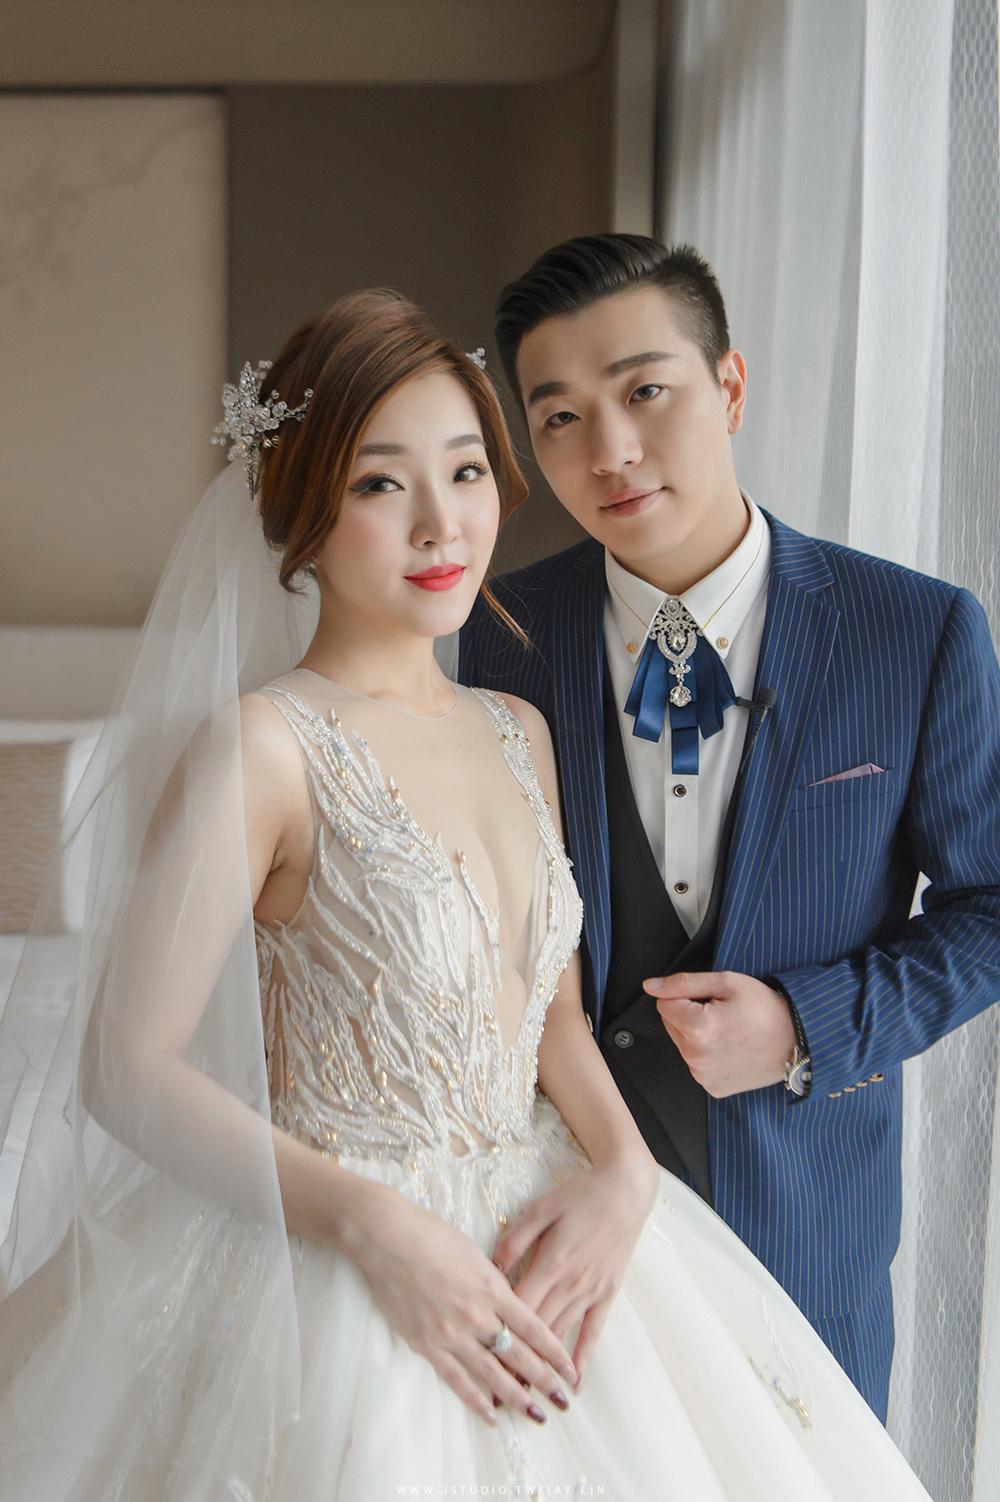 婚攝 台北婚攝 婚禮紀錄 推薦婚攝 美福大飯店JSTUDIO_0126